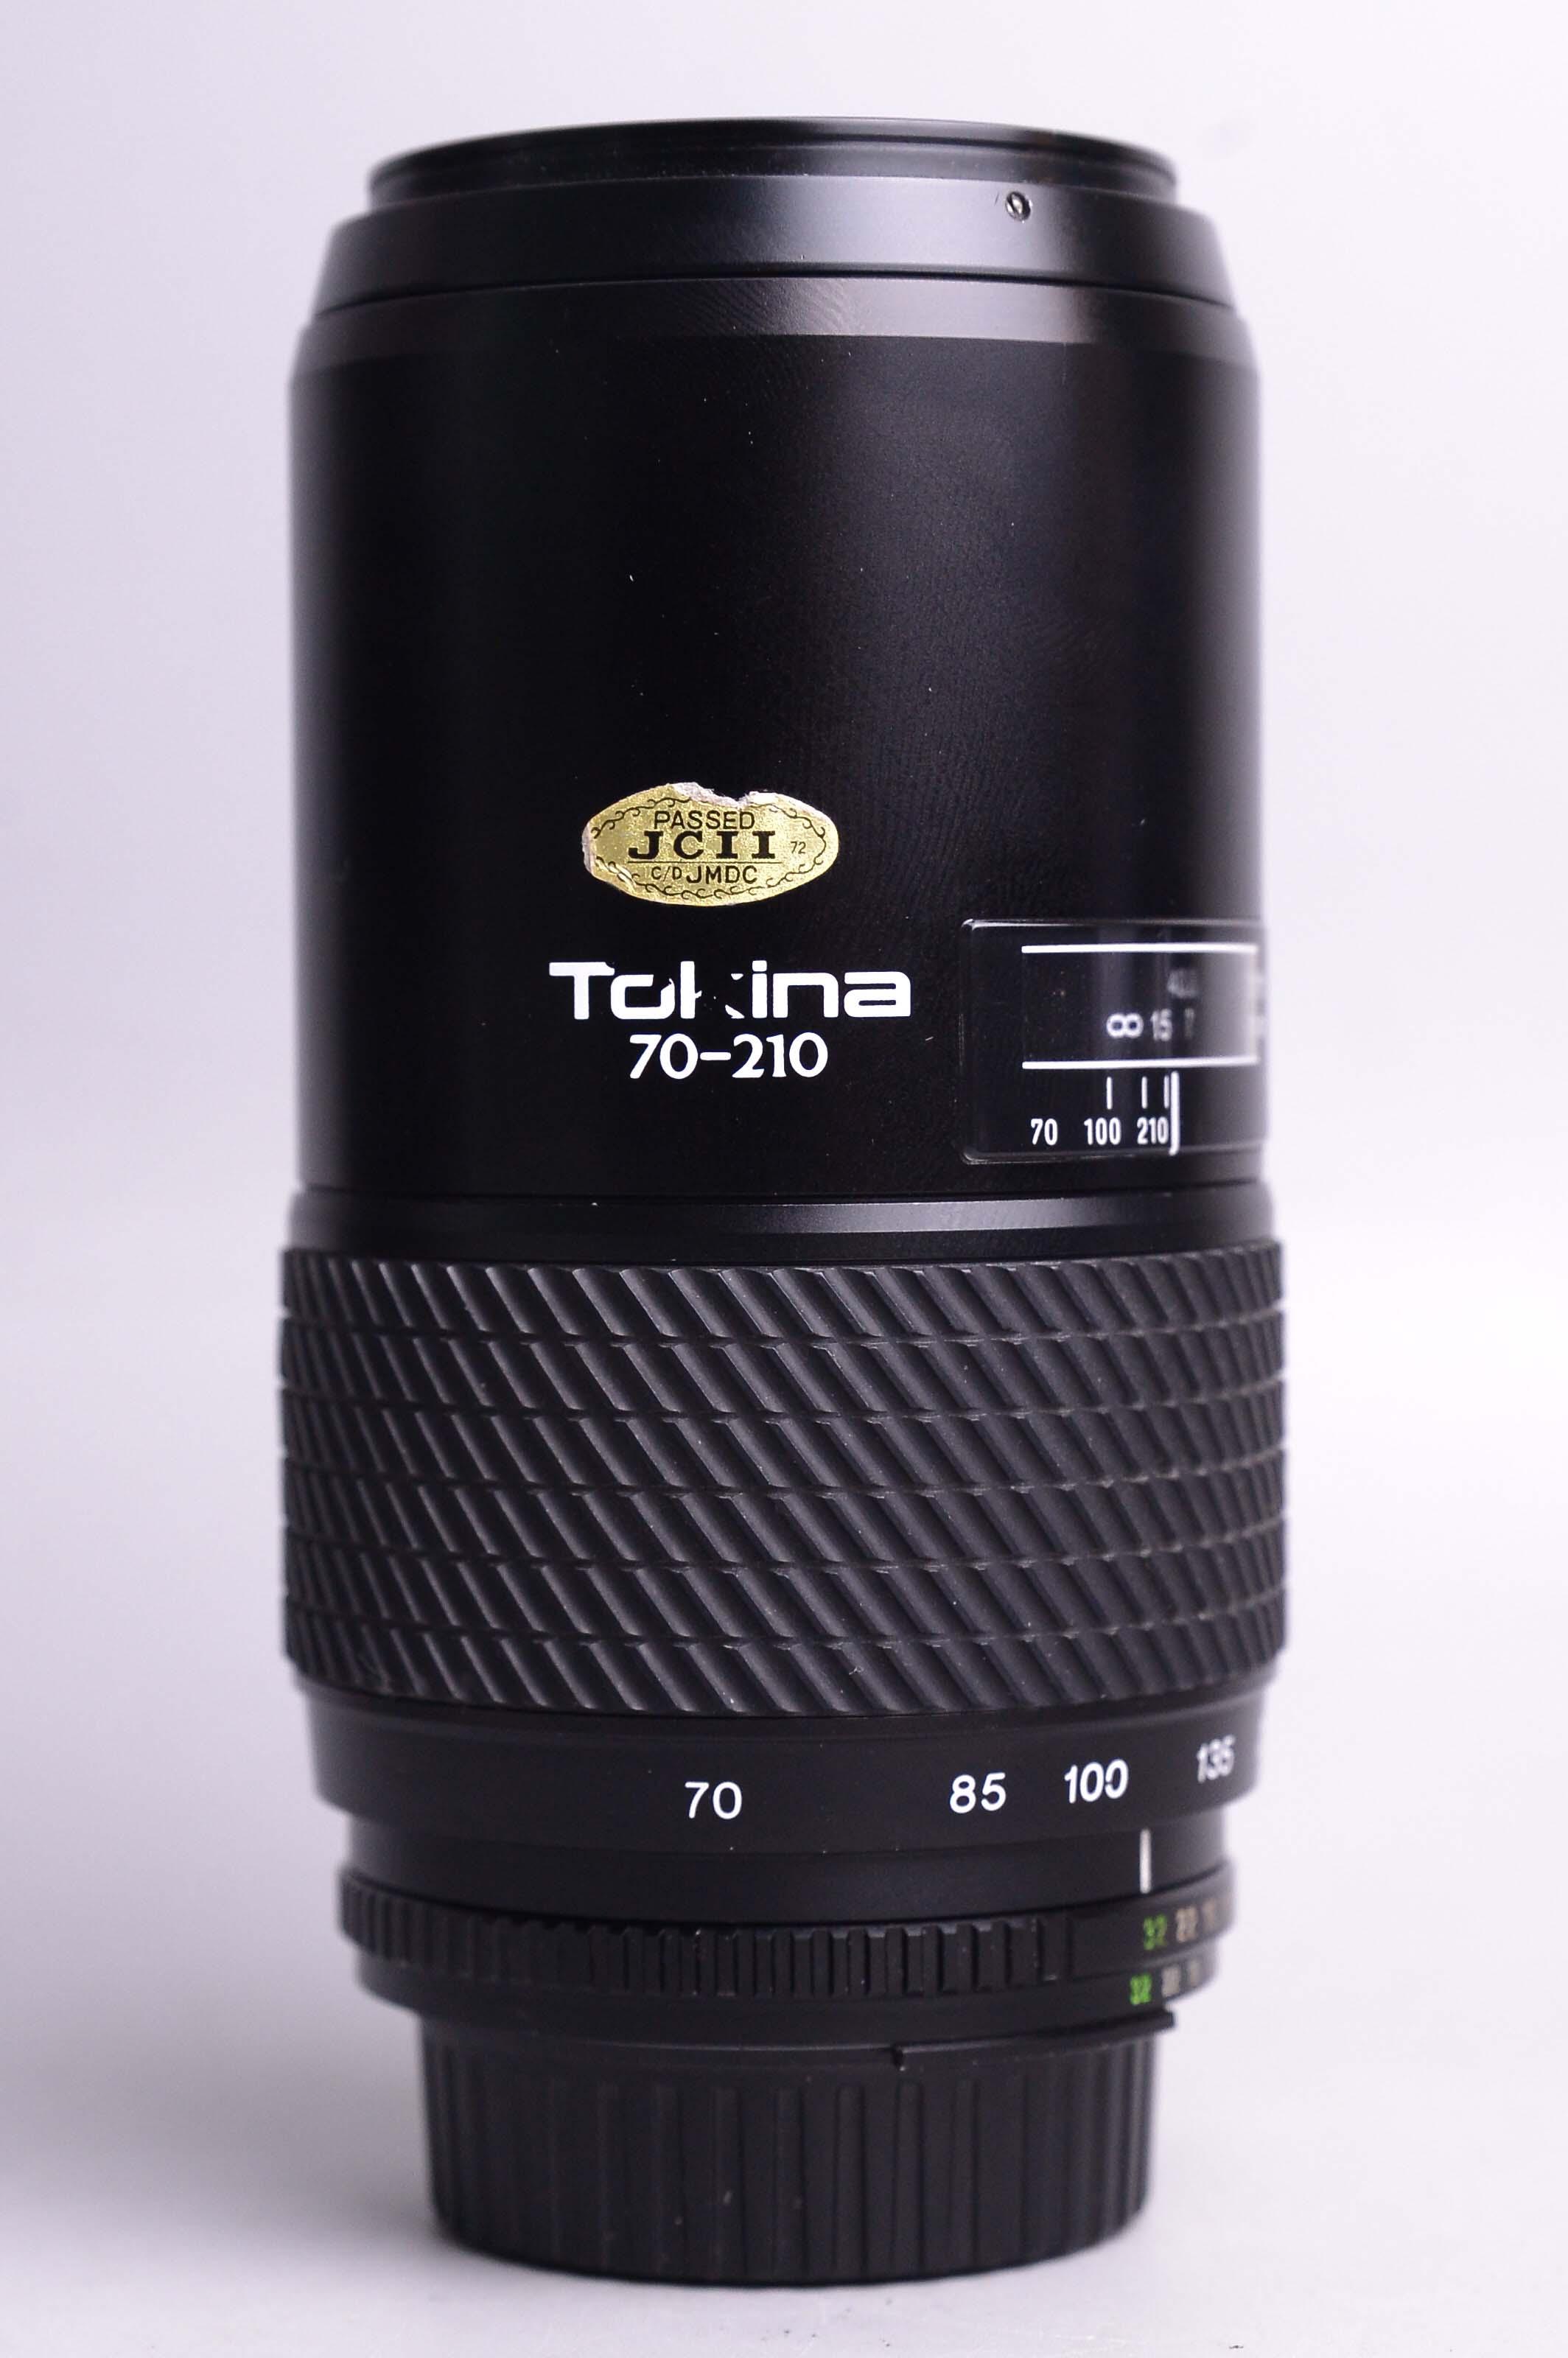 tokina-70-210mm-f4-5-af-nikon-tokina-70-210-4-5-10519